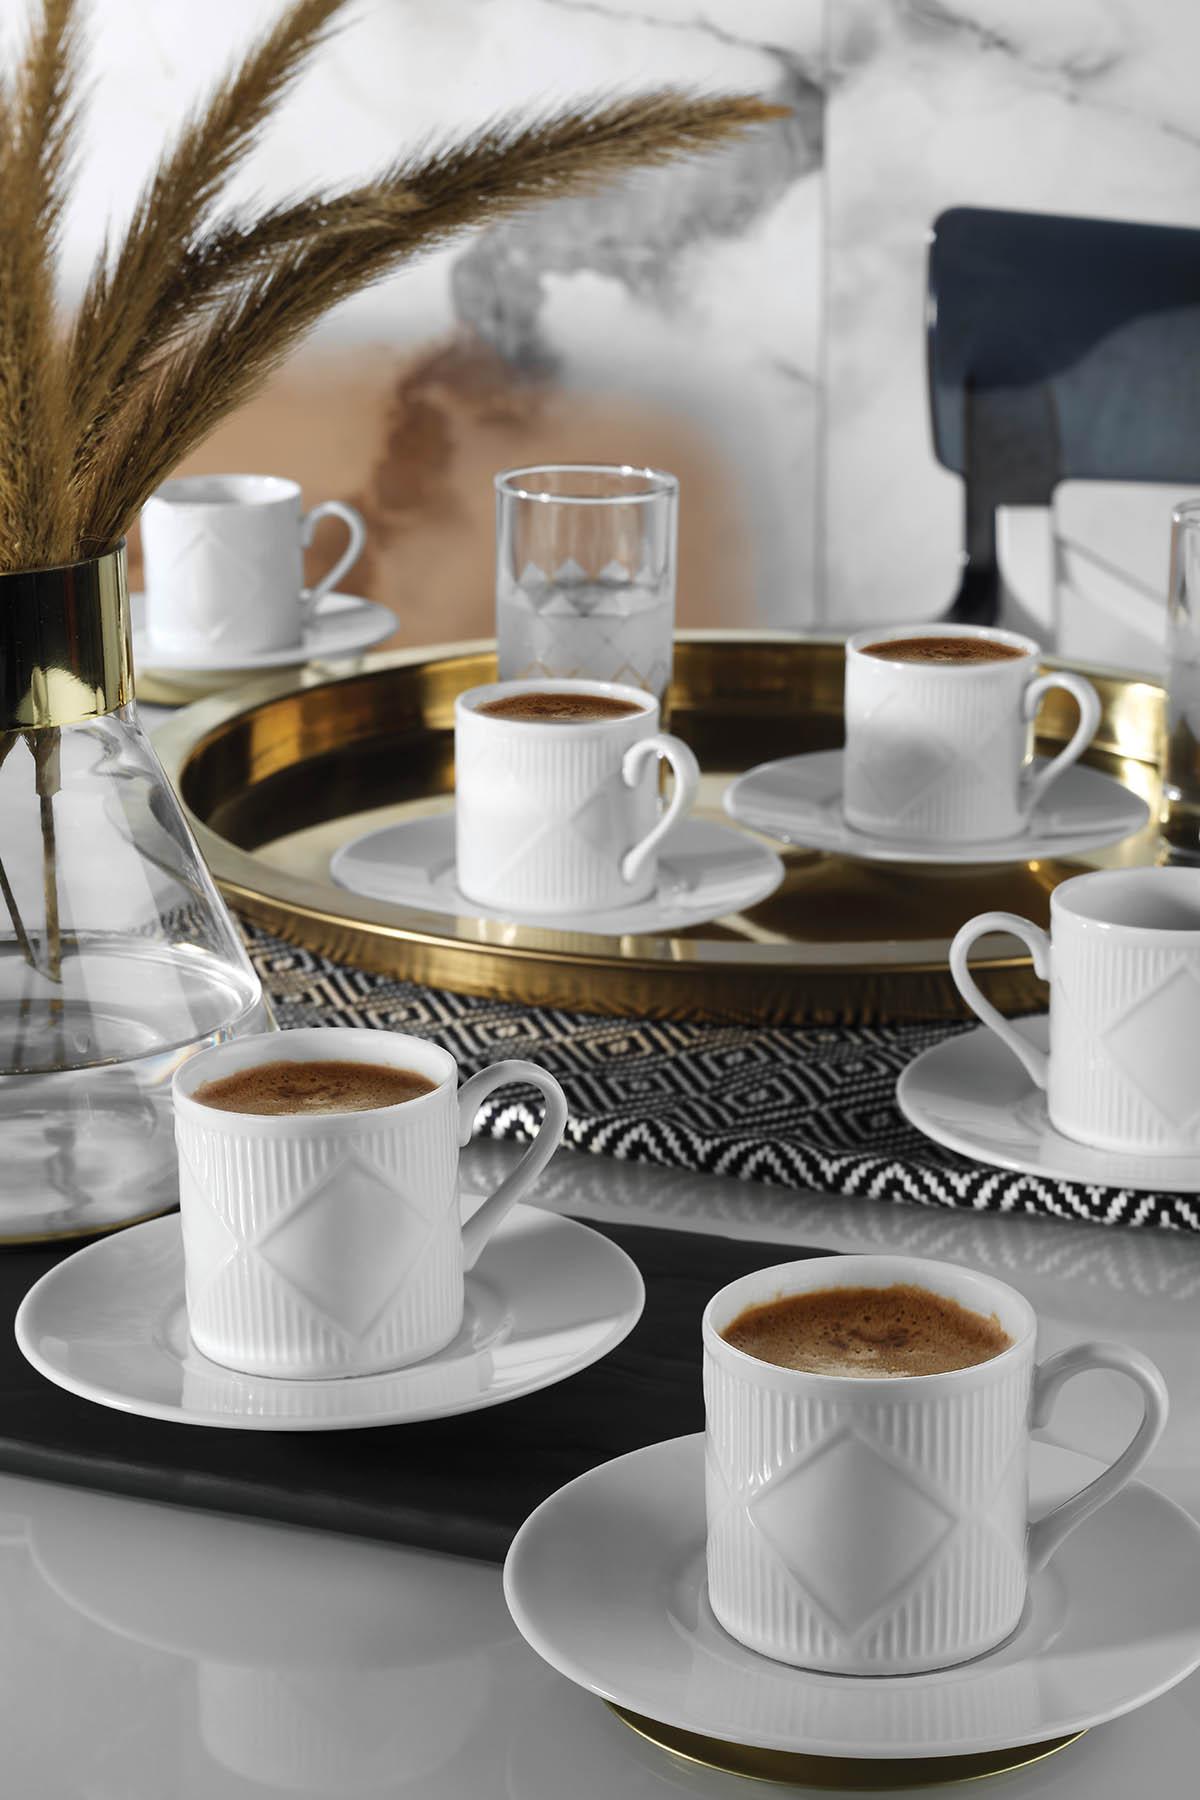 KÜTAHYA PORSELEN - Eren Türk Kahvesi Takımı 12 Parça 6 Kişilik Dekors